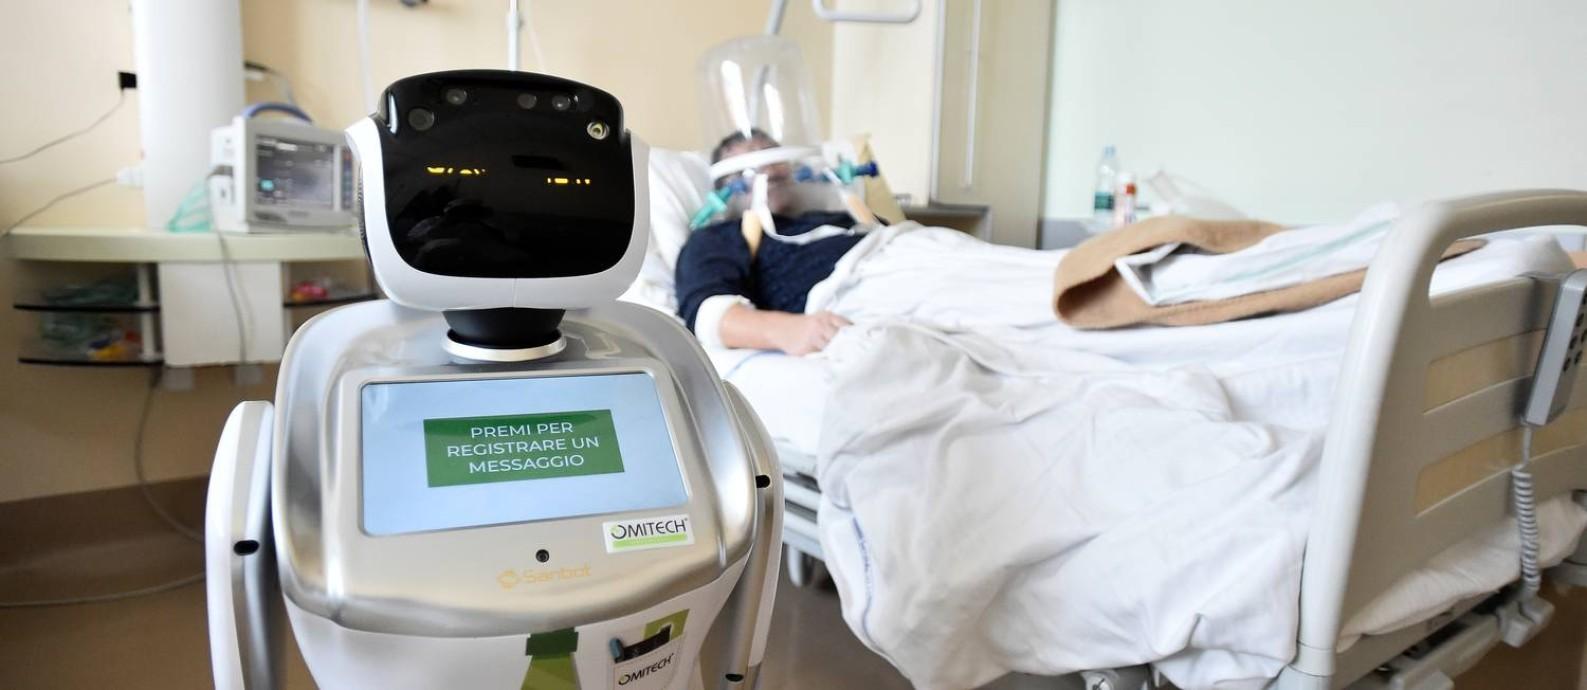 O hospital Circolo di Varese, na Itália, está usando robôs para monitorar pacientes internados como forma de proteção aos profissionais de saúde Foto: FLAVIO LO SCALZO / REUTERS